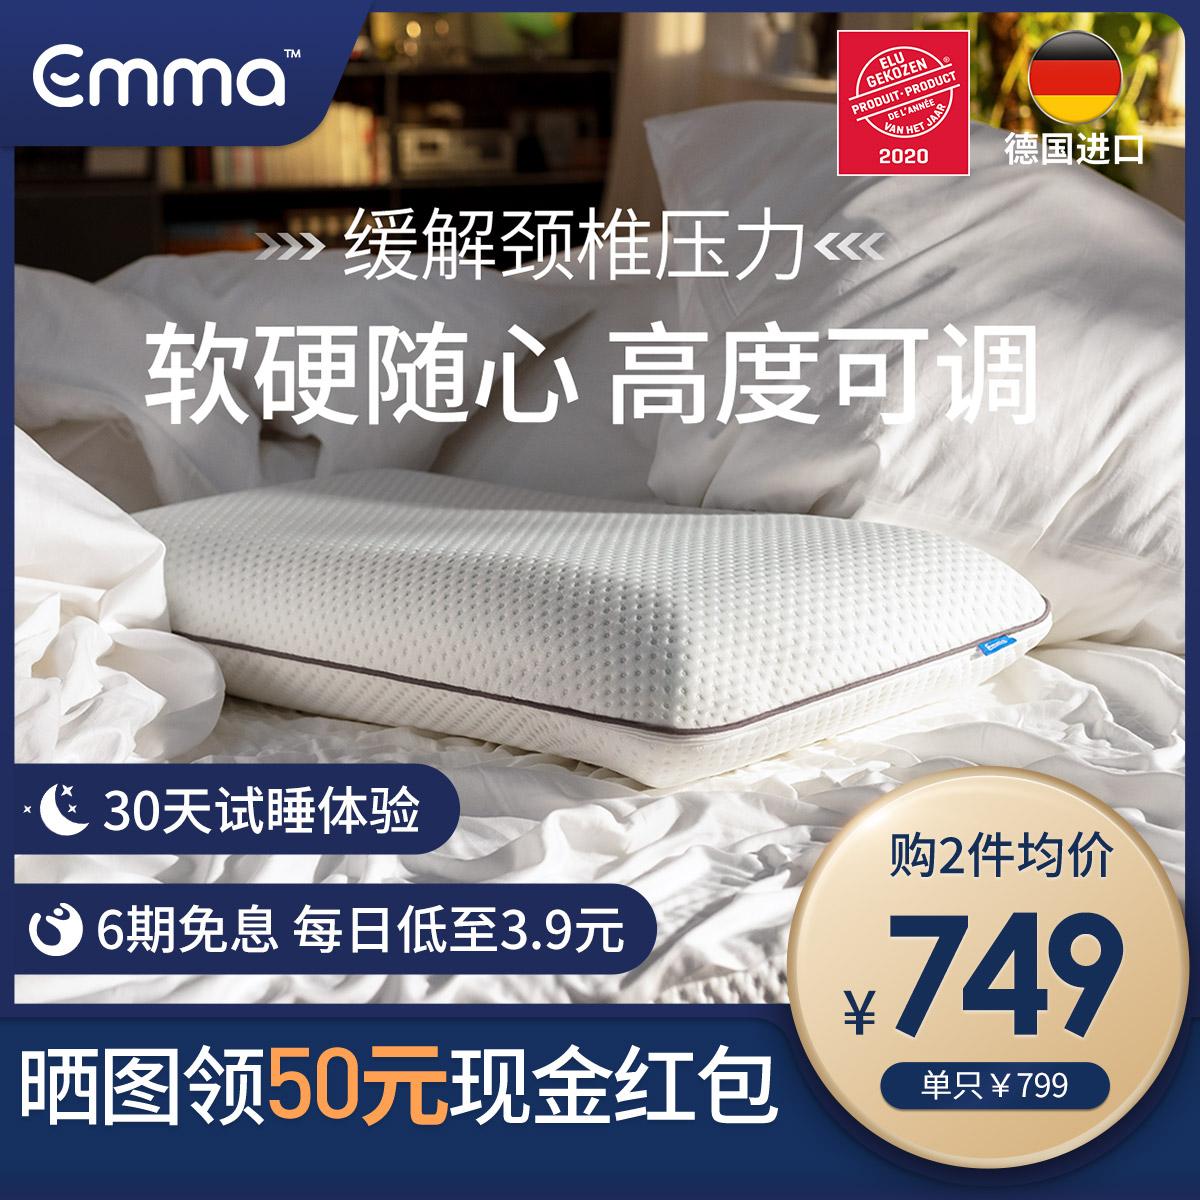 emma记忆枕头单人德国进口颈椎枕头